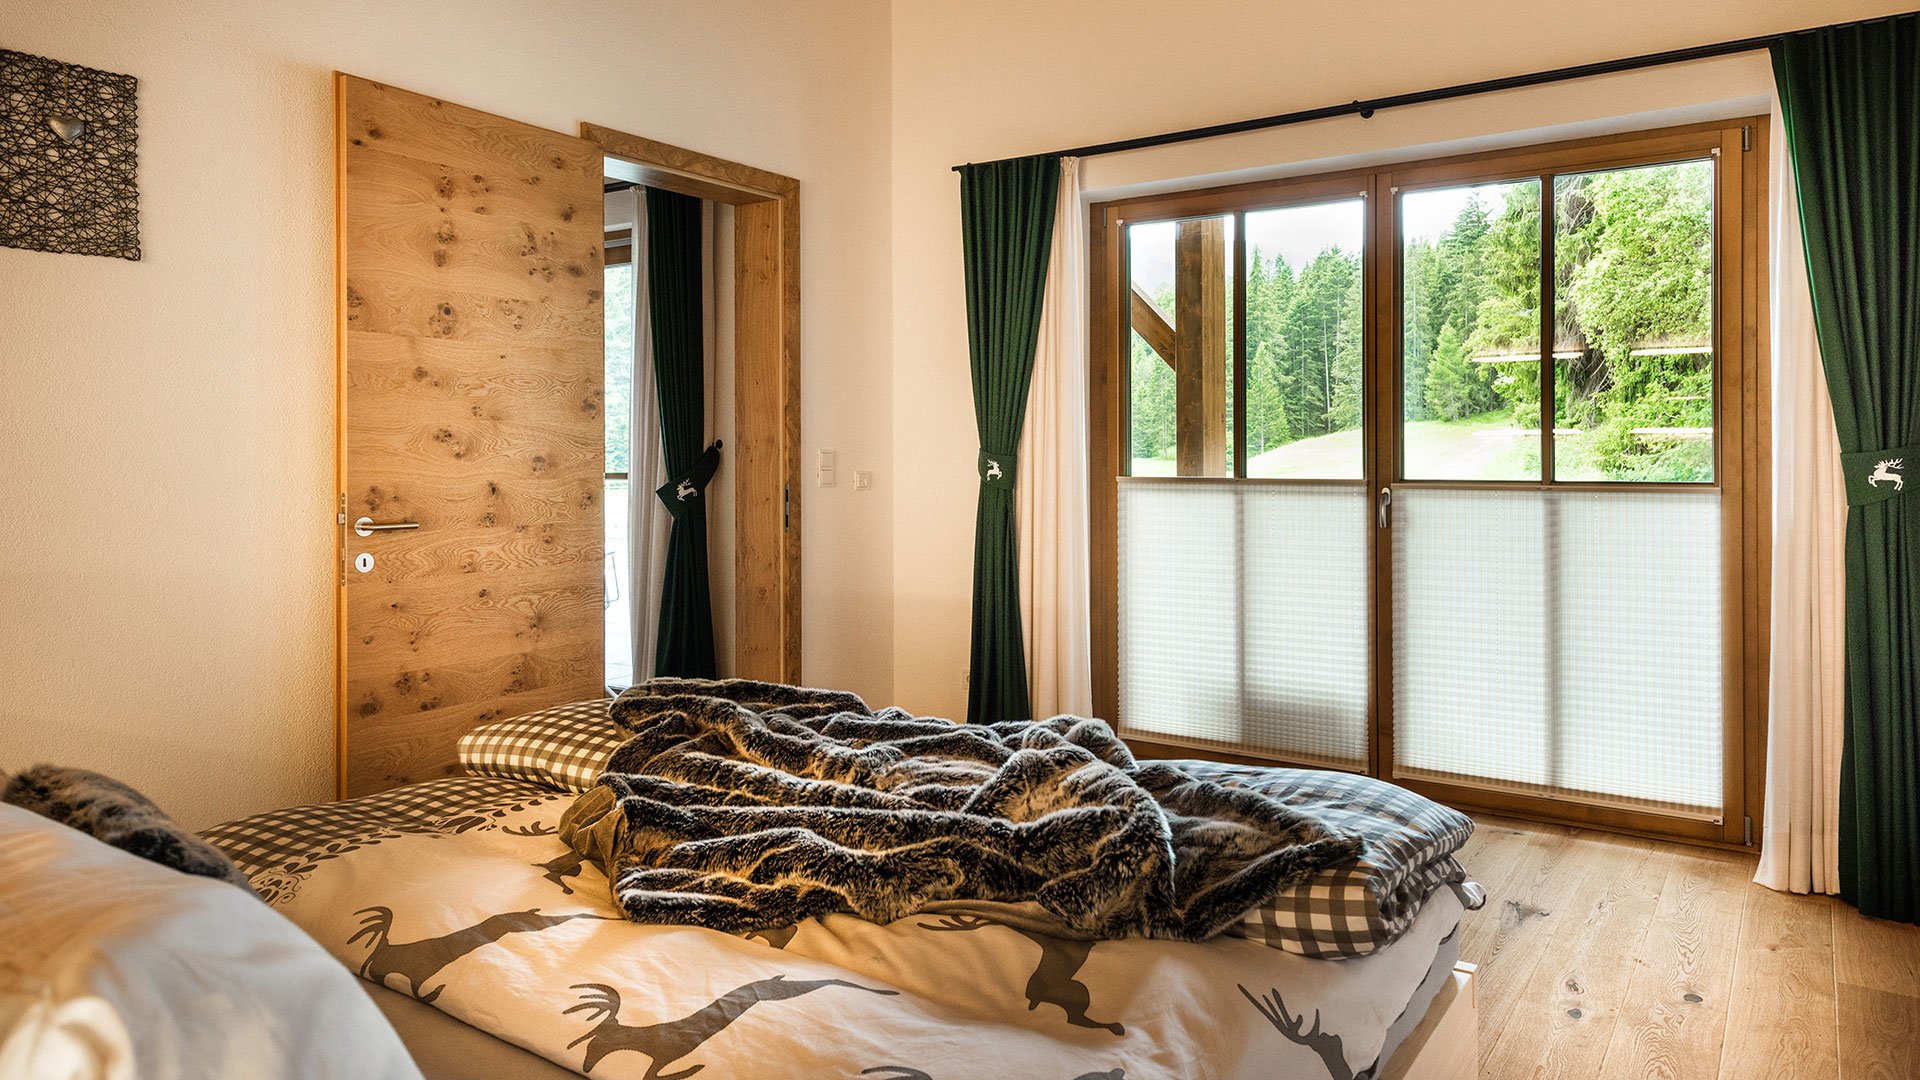 schlafzimmer chalet stil. Black Bedroom Furniture Sets. Home Design Ideas